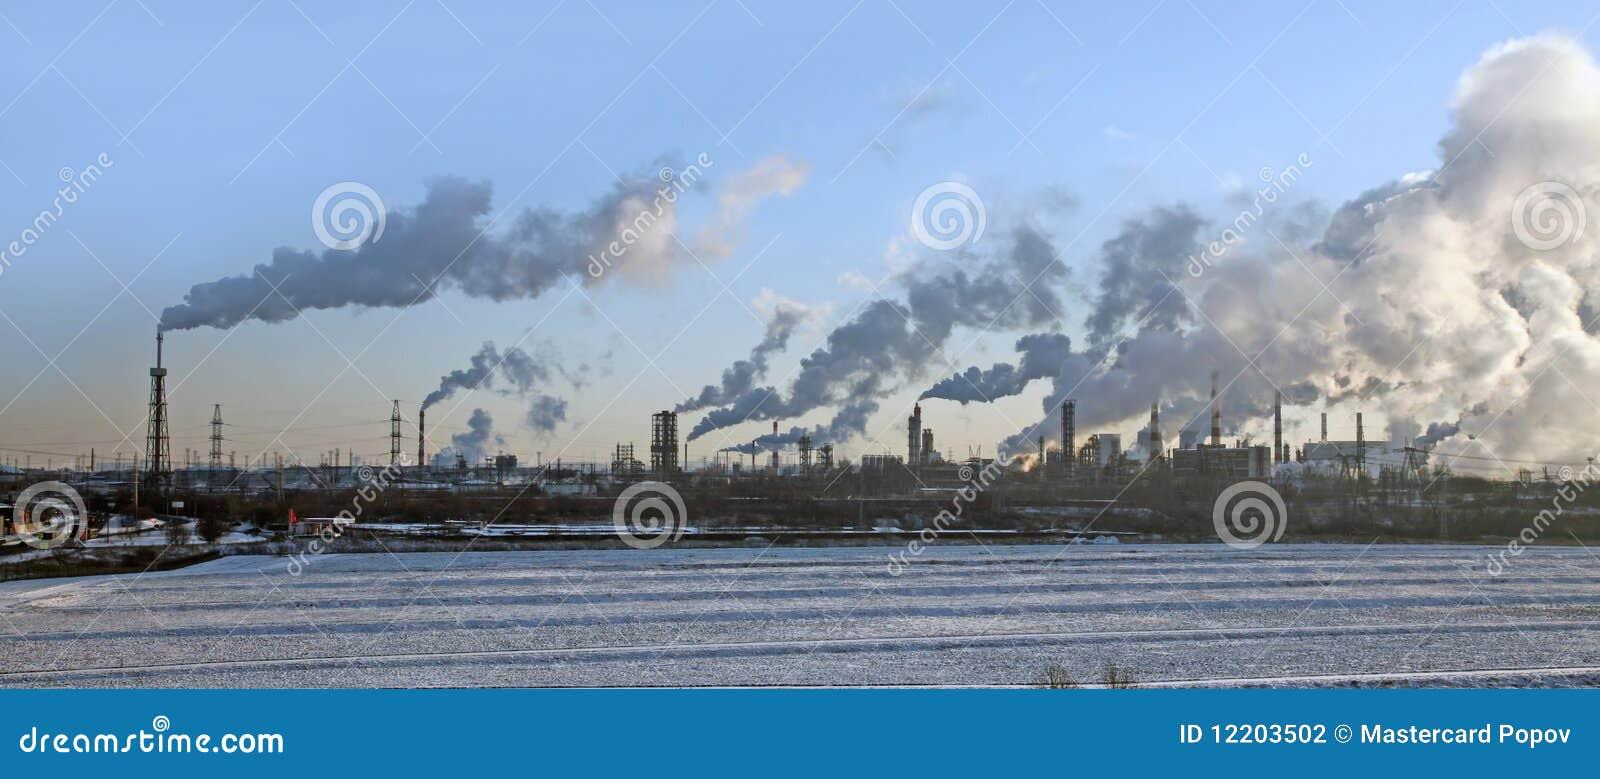 Eine Fabrik mit Smokestacks.